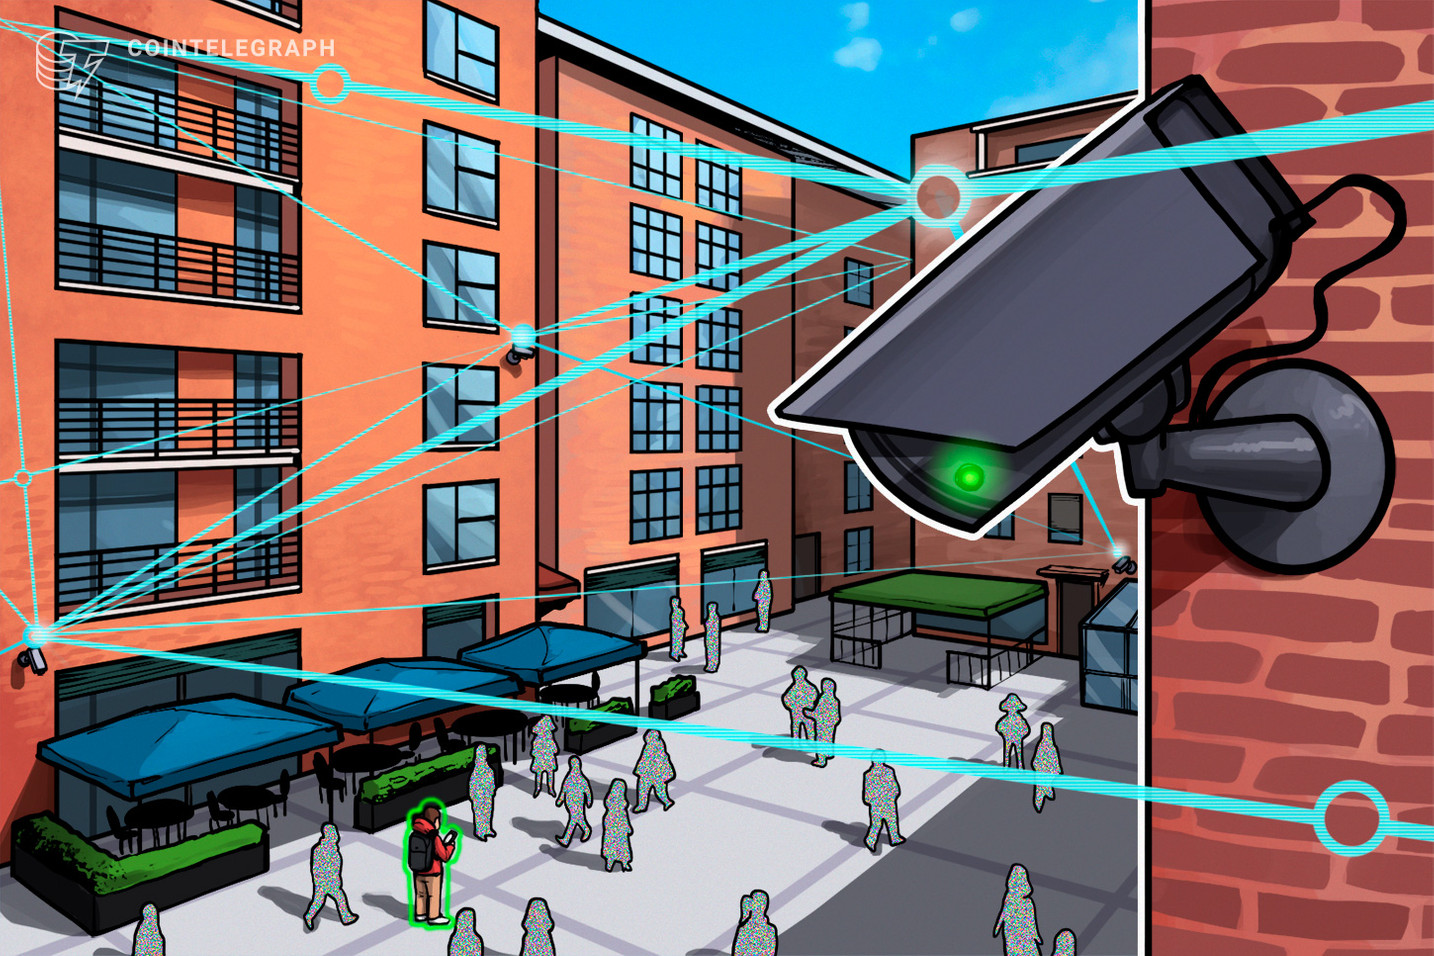 「ディープフェイク」対策でブロックチェーン技術活用 警察官のボディカメラの動画真正性を証明